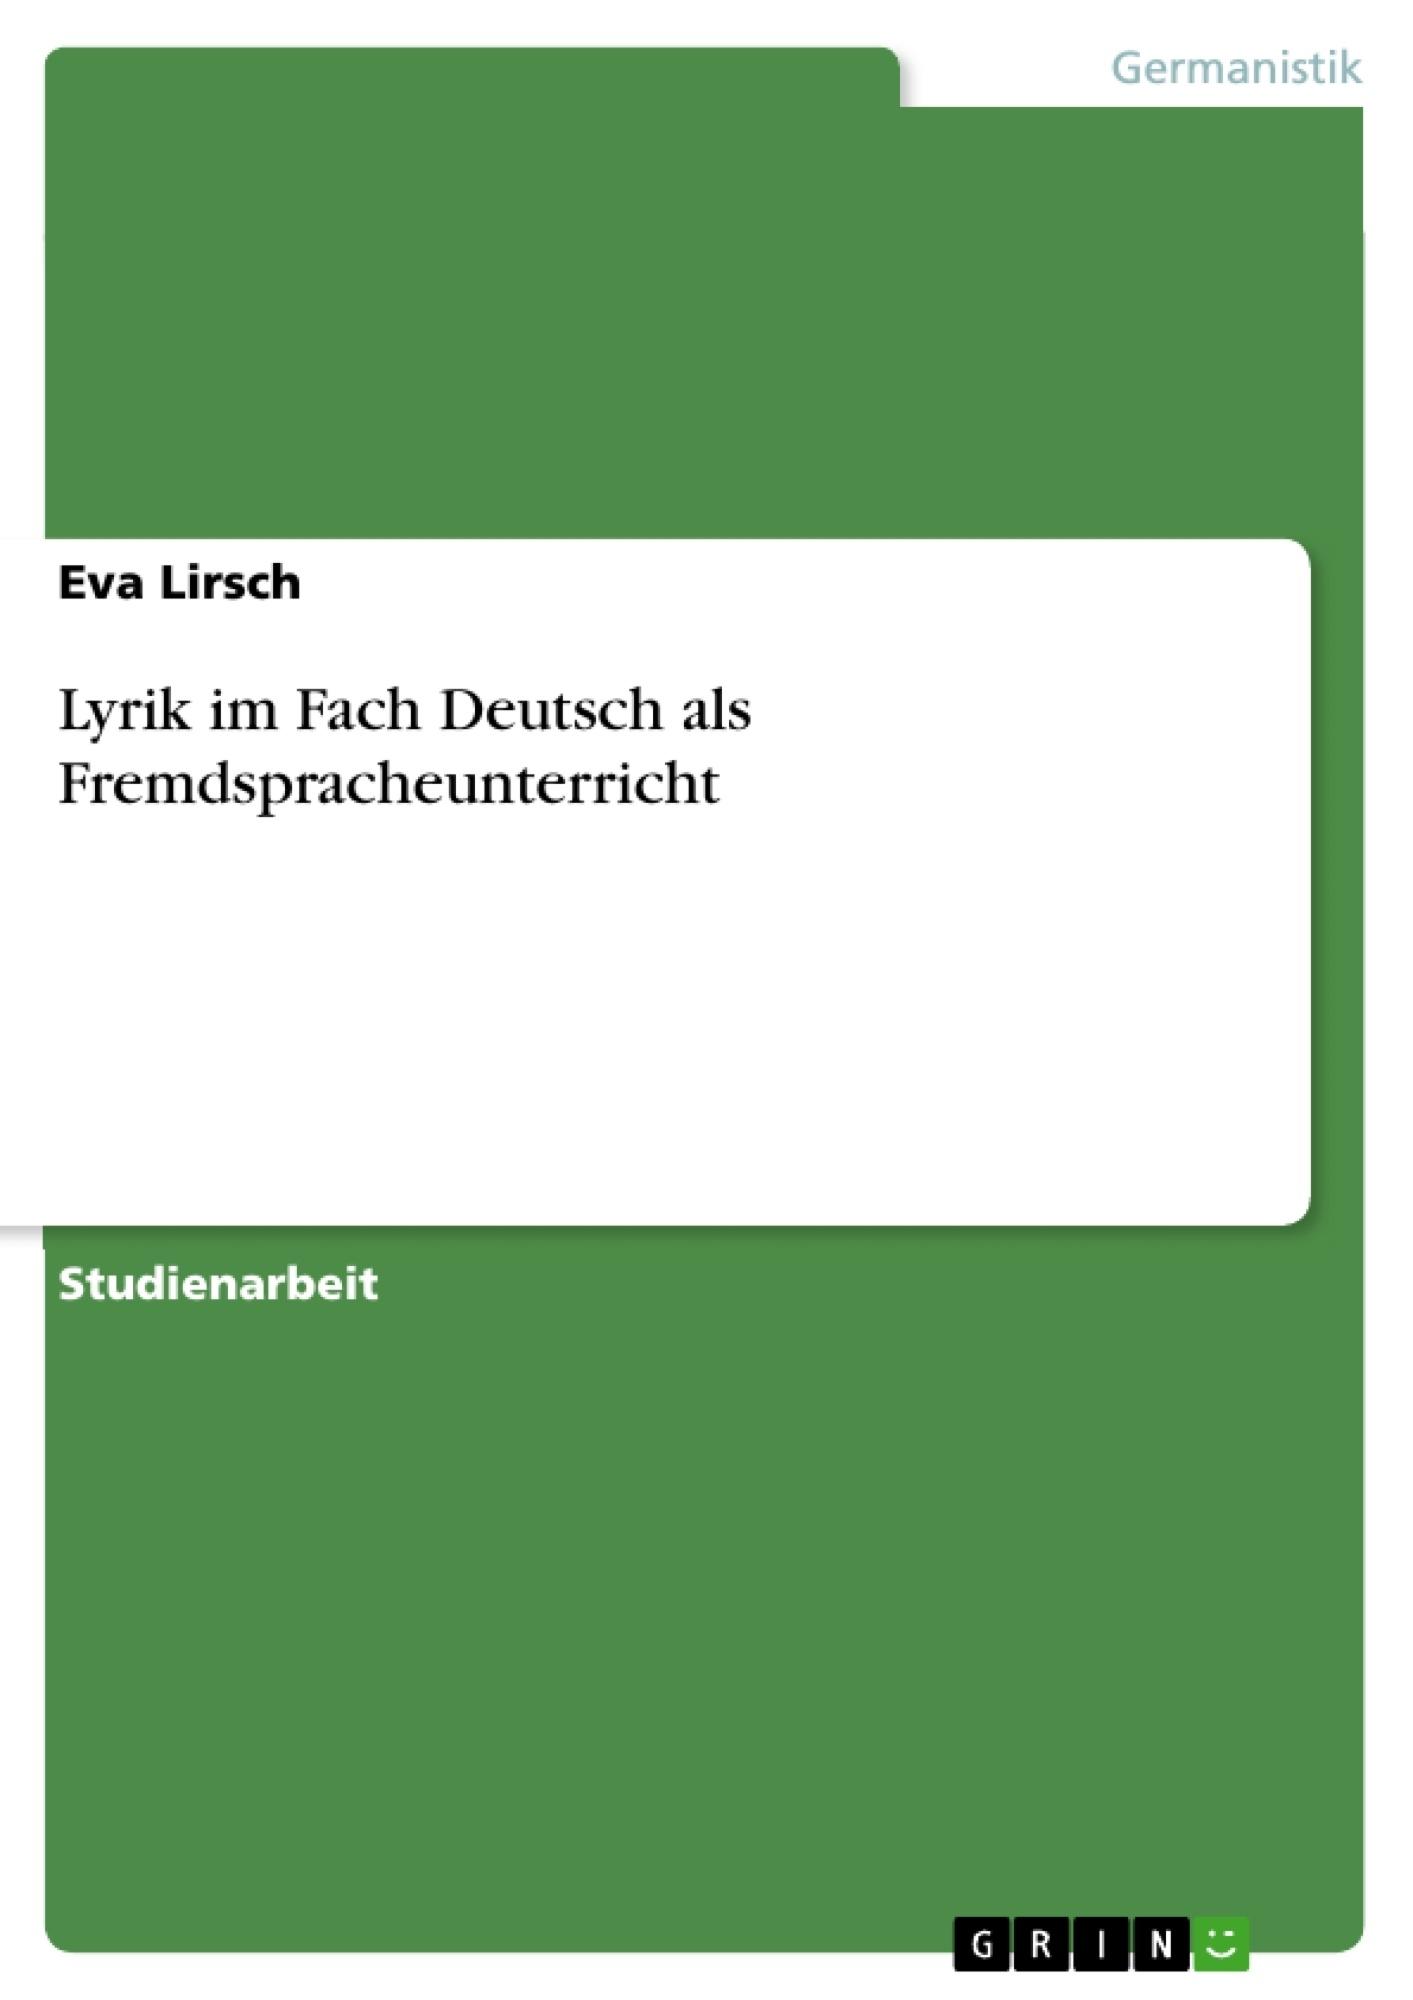 Titel: Lyrik im Fach Deutsch als Fremdspracheunterricht